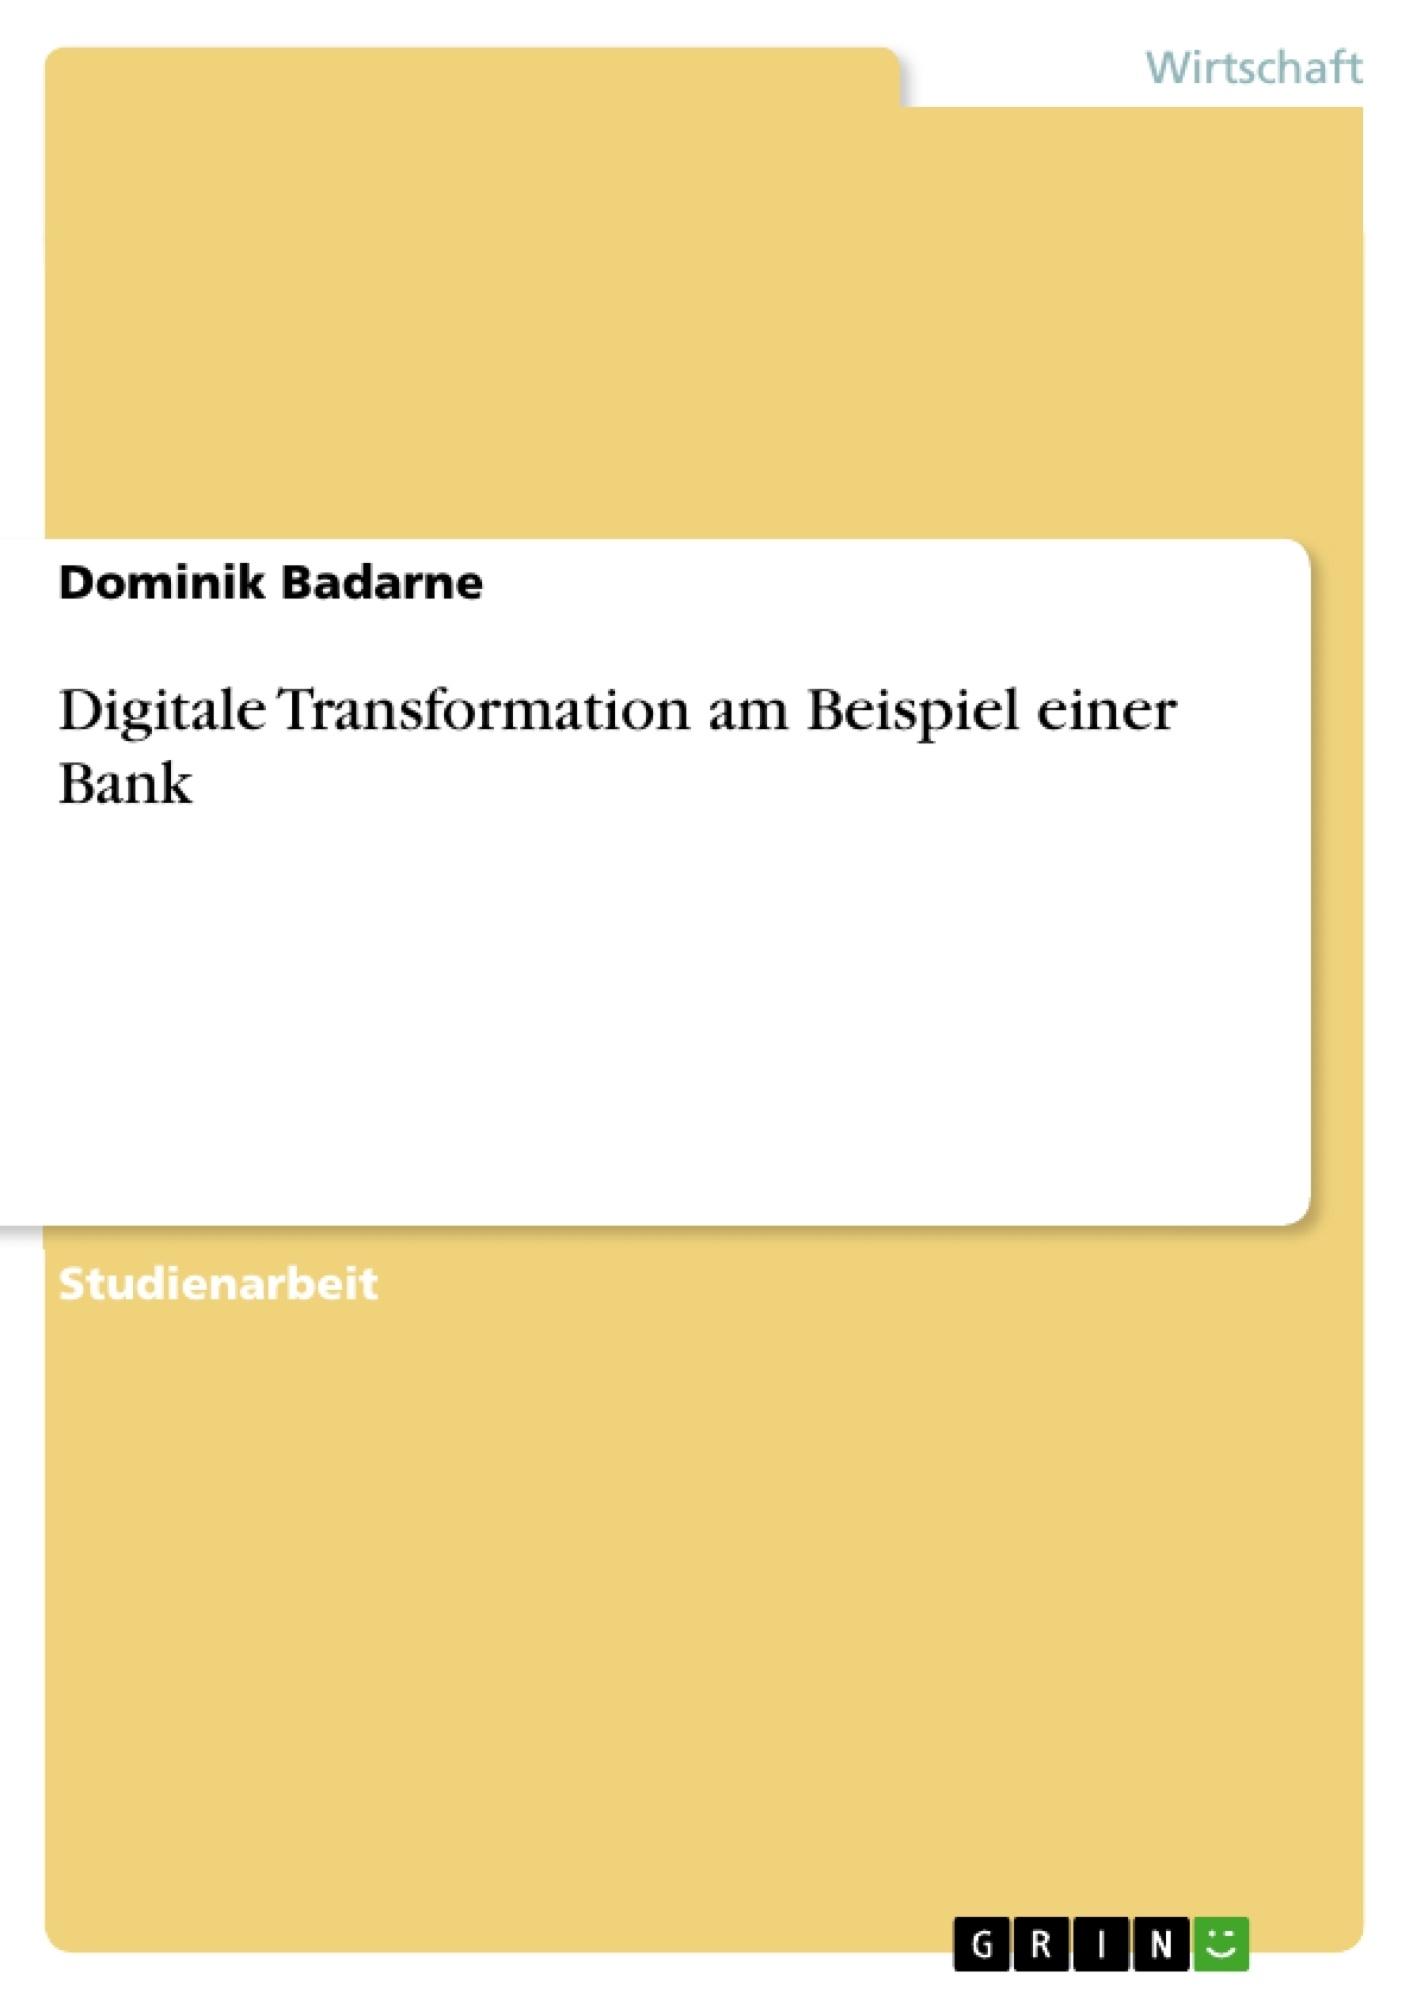 Titel: Digitale Transformation am Beispiel einer Bank